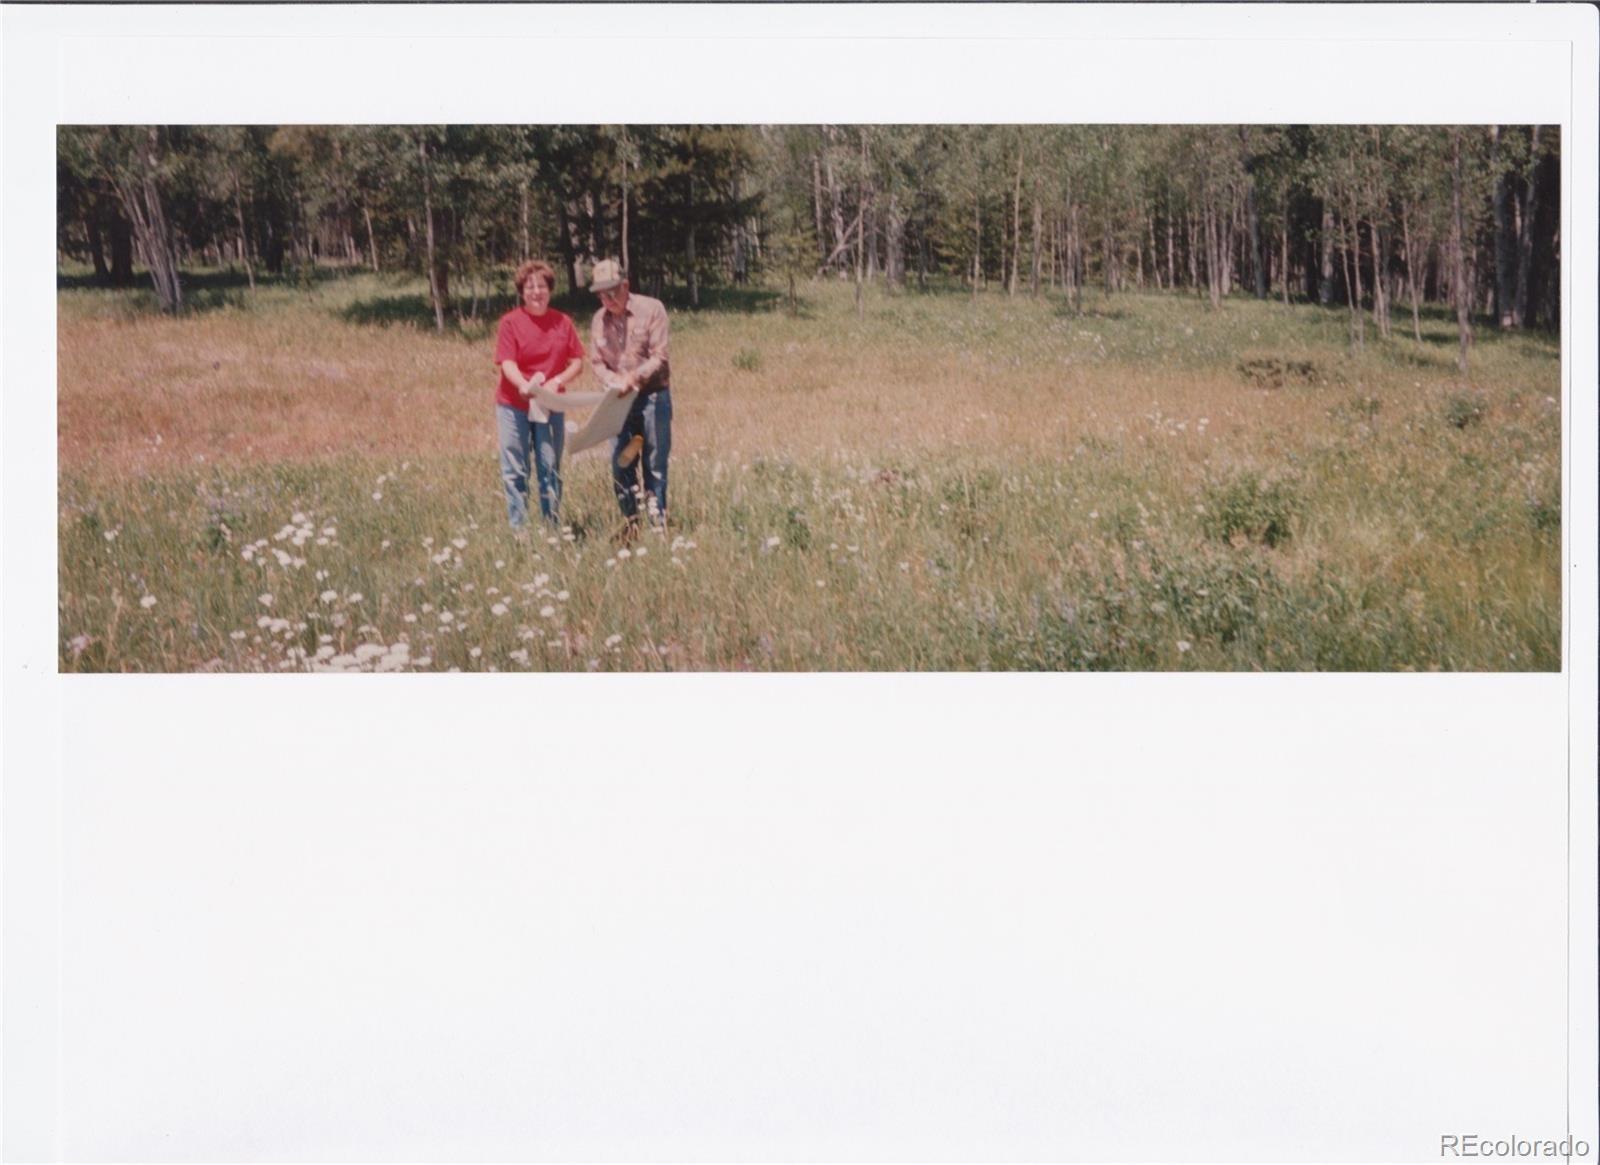 MLS# 8768882 - 3 - 01 Halter Trail, Oak Creek, CO 80467